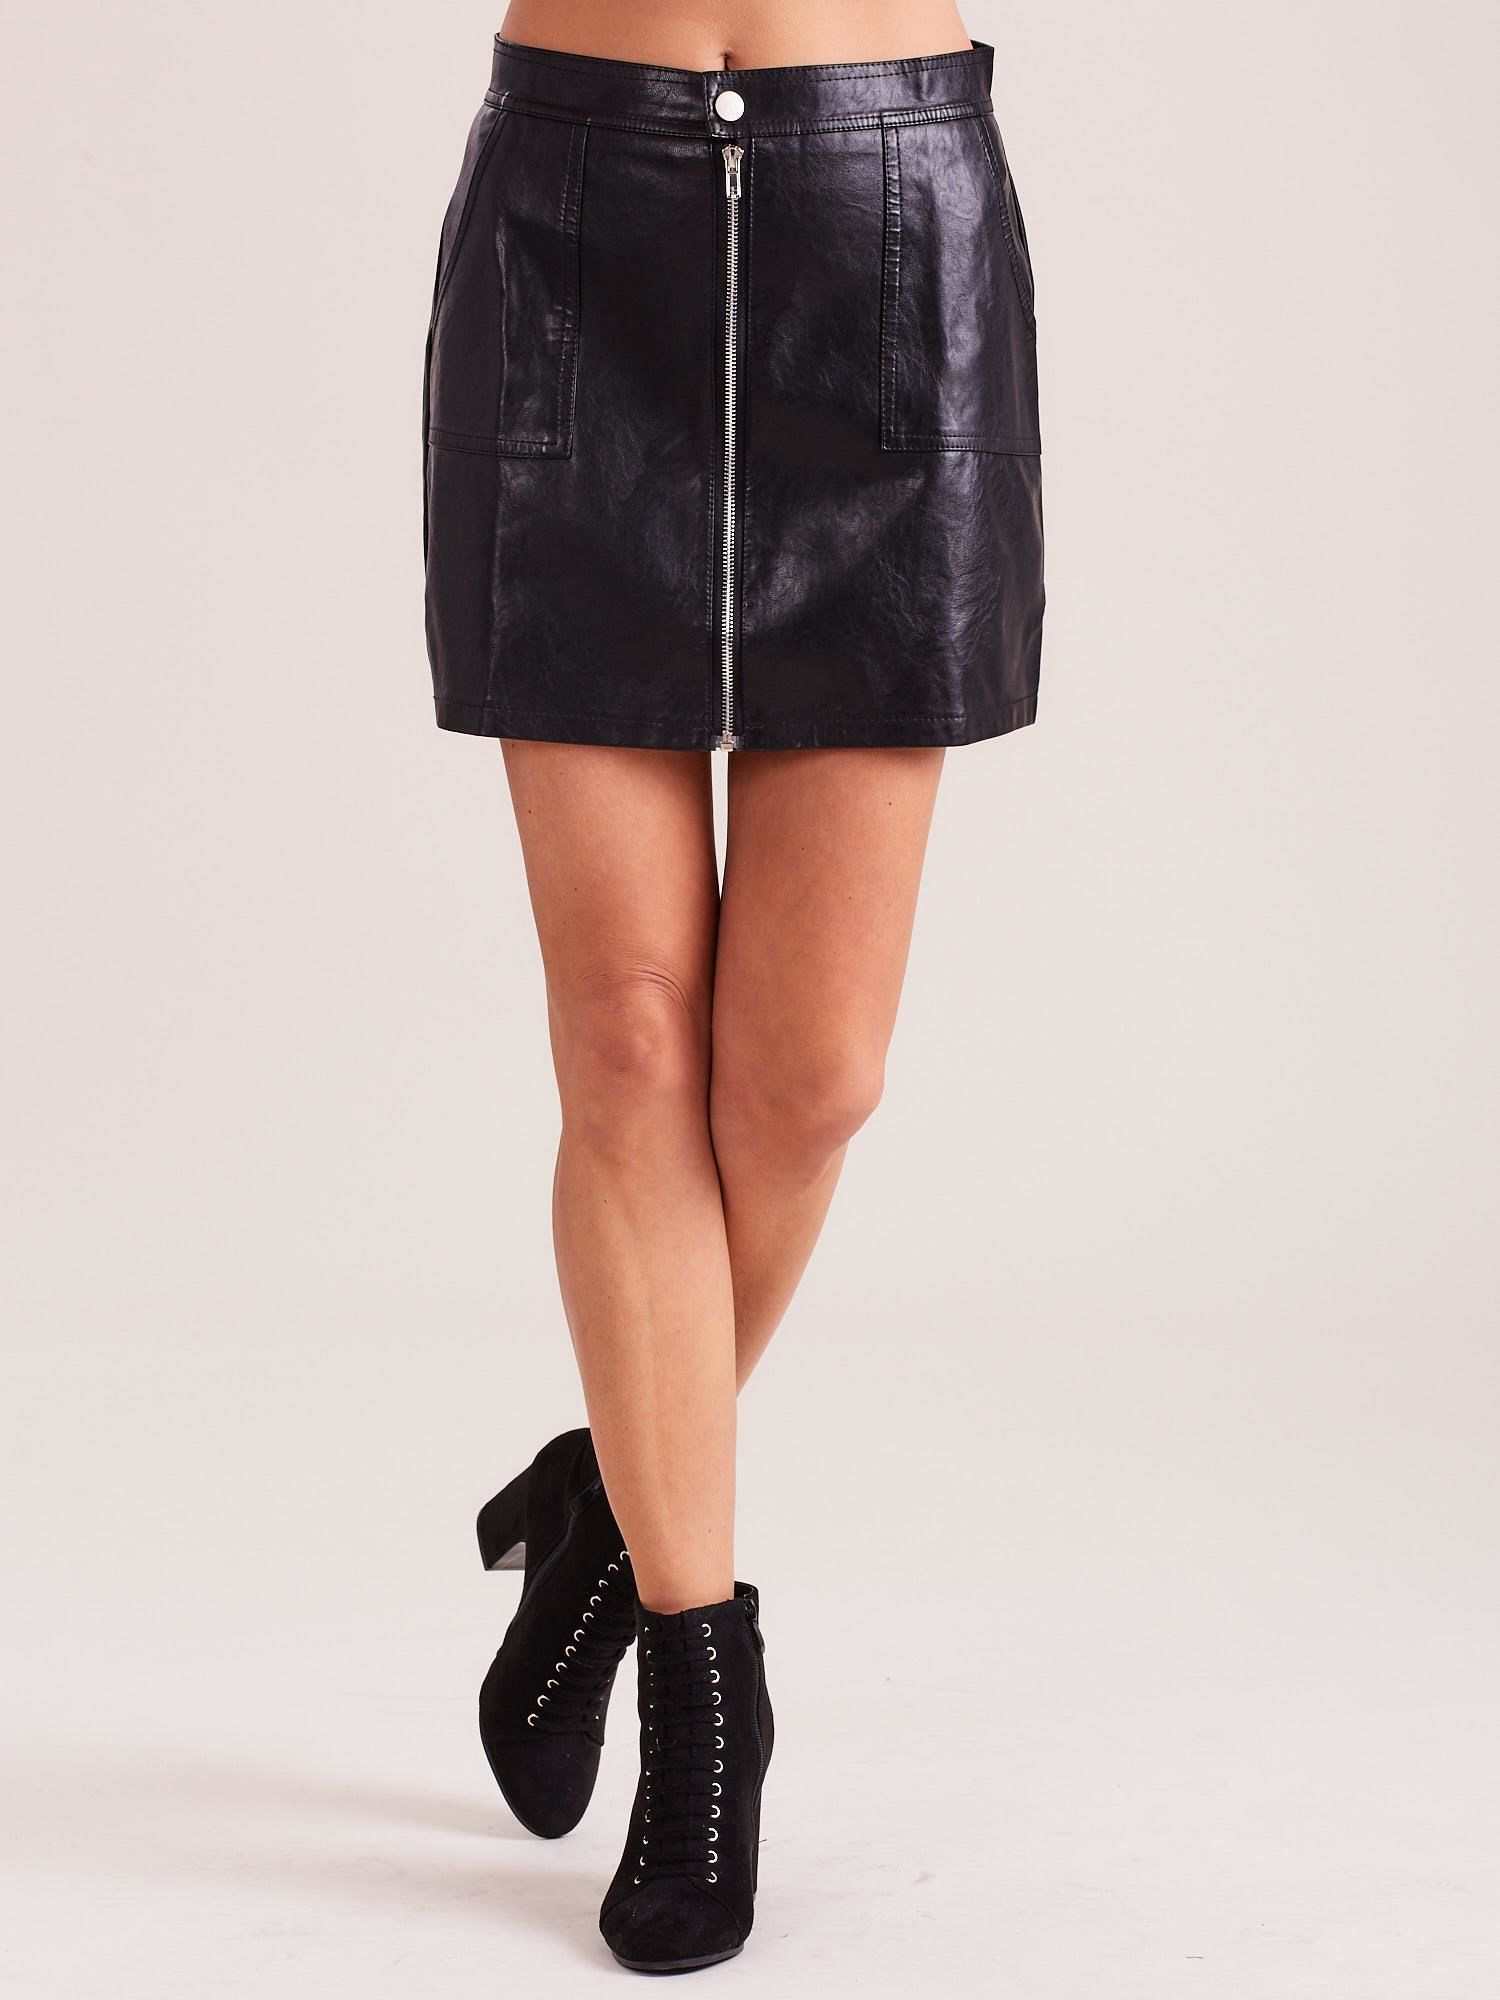 Čierna krátka sukňa s ozdobným zipsom - S